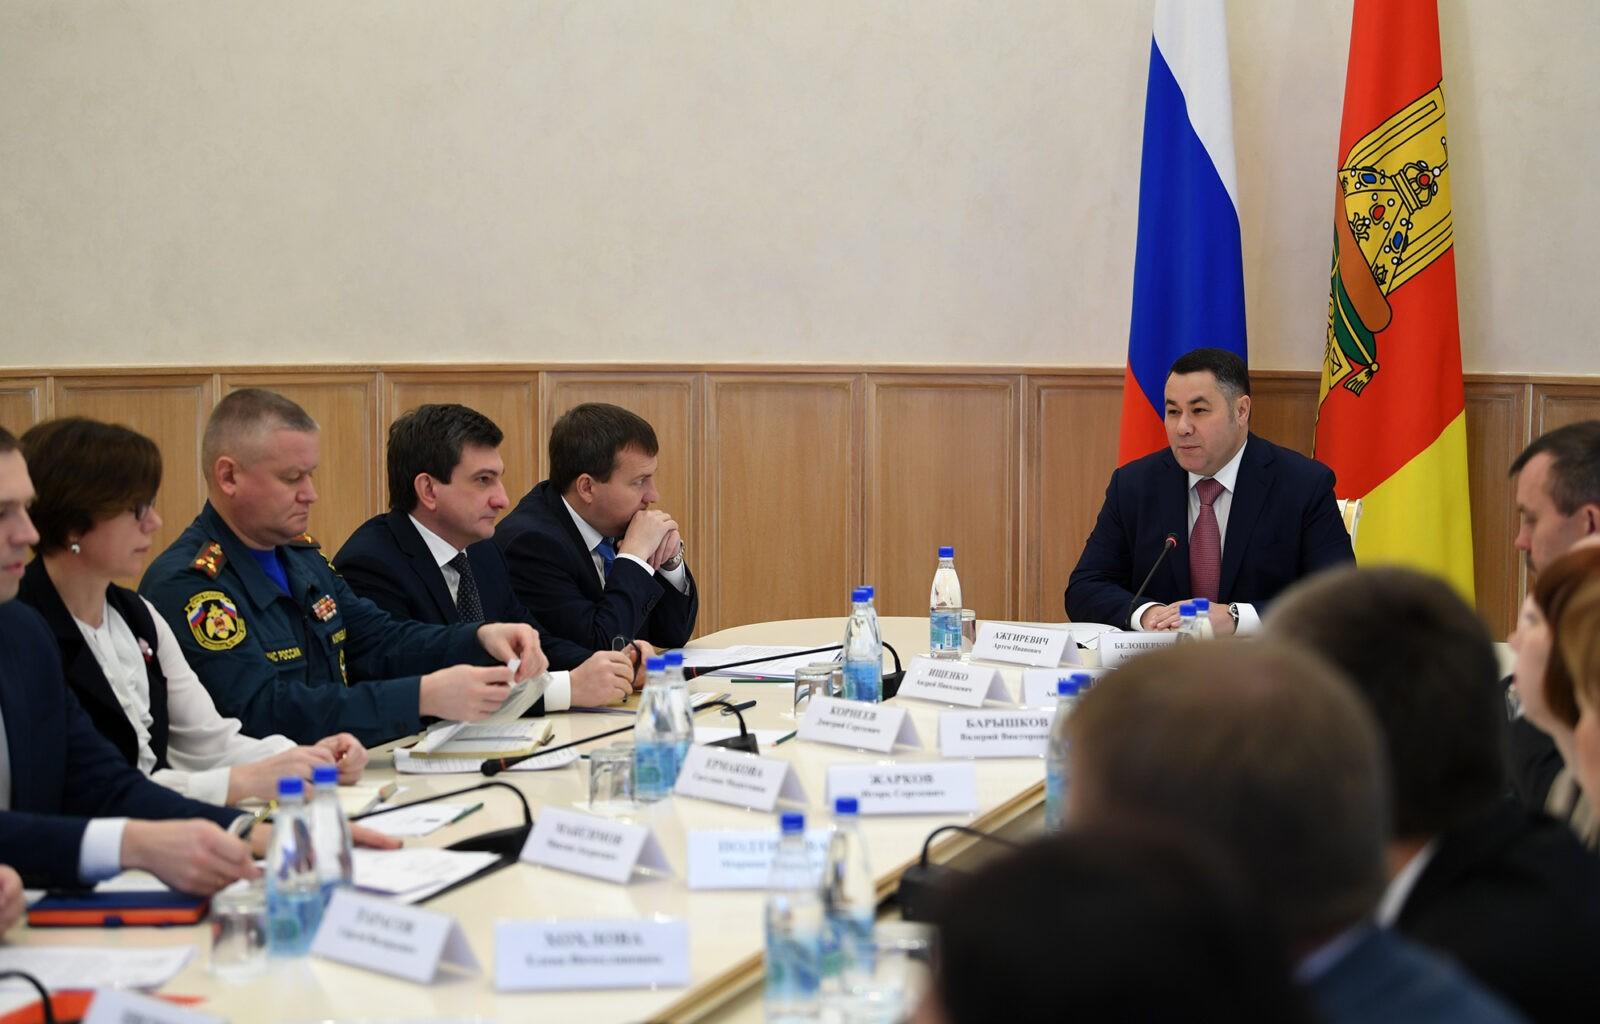 В Тверской области обсудили подготовку к празднованию 75-летия Победы